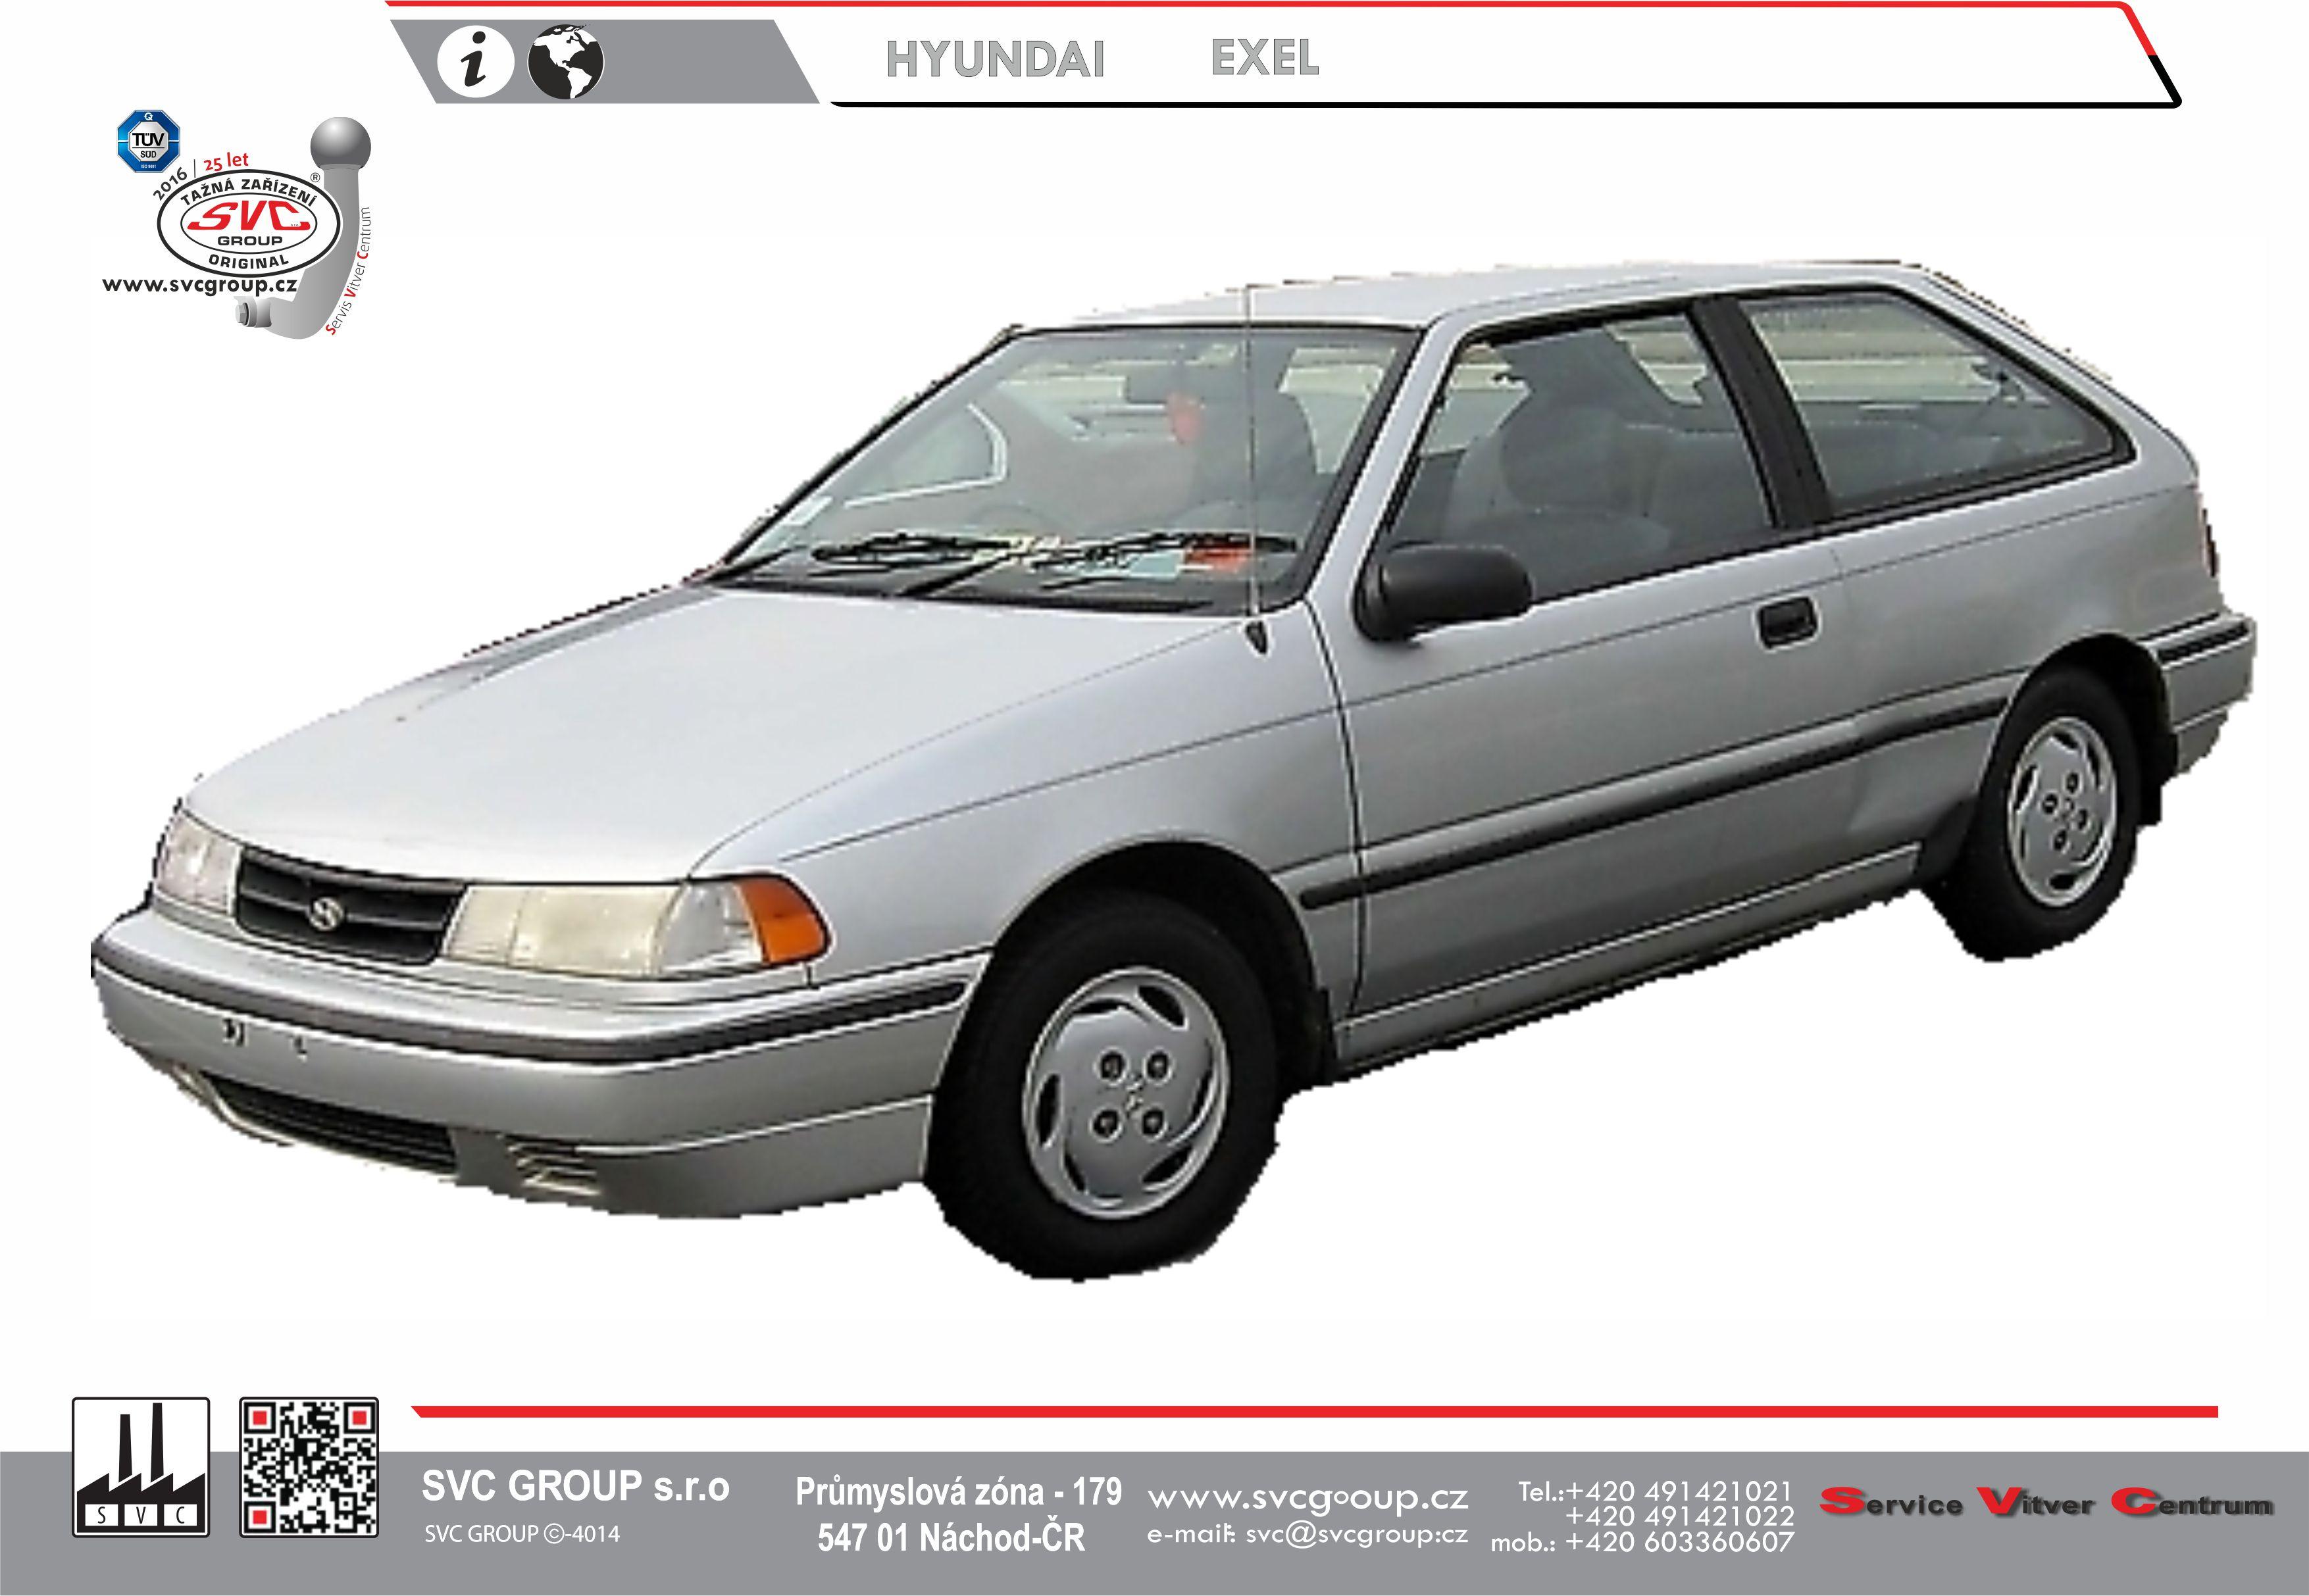 Hyundai Excel Hatchback